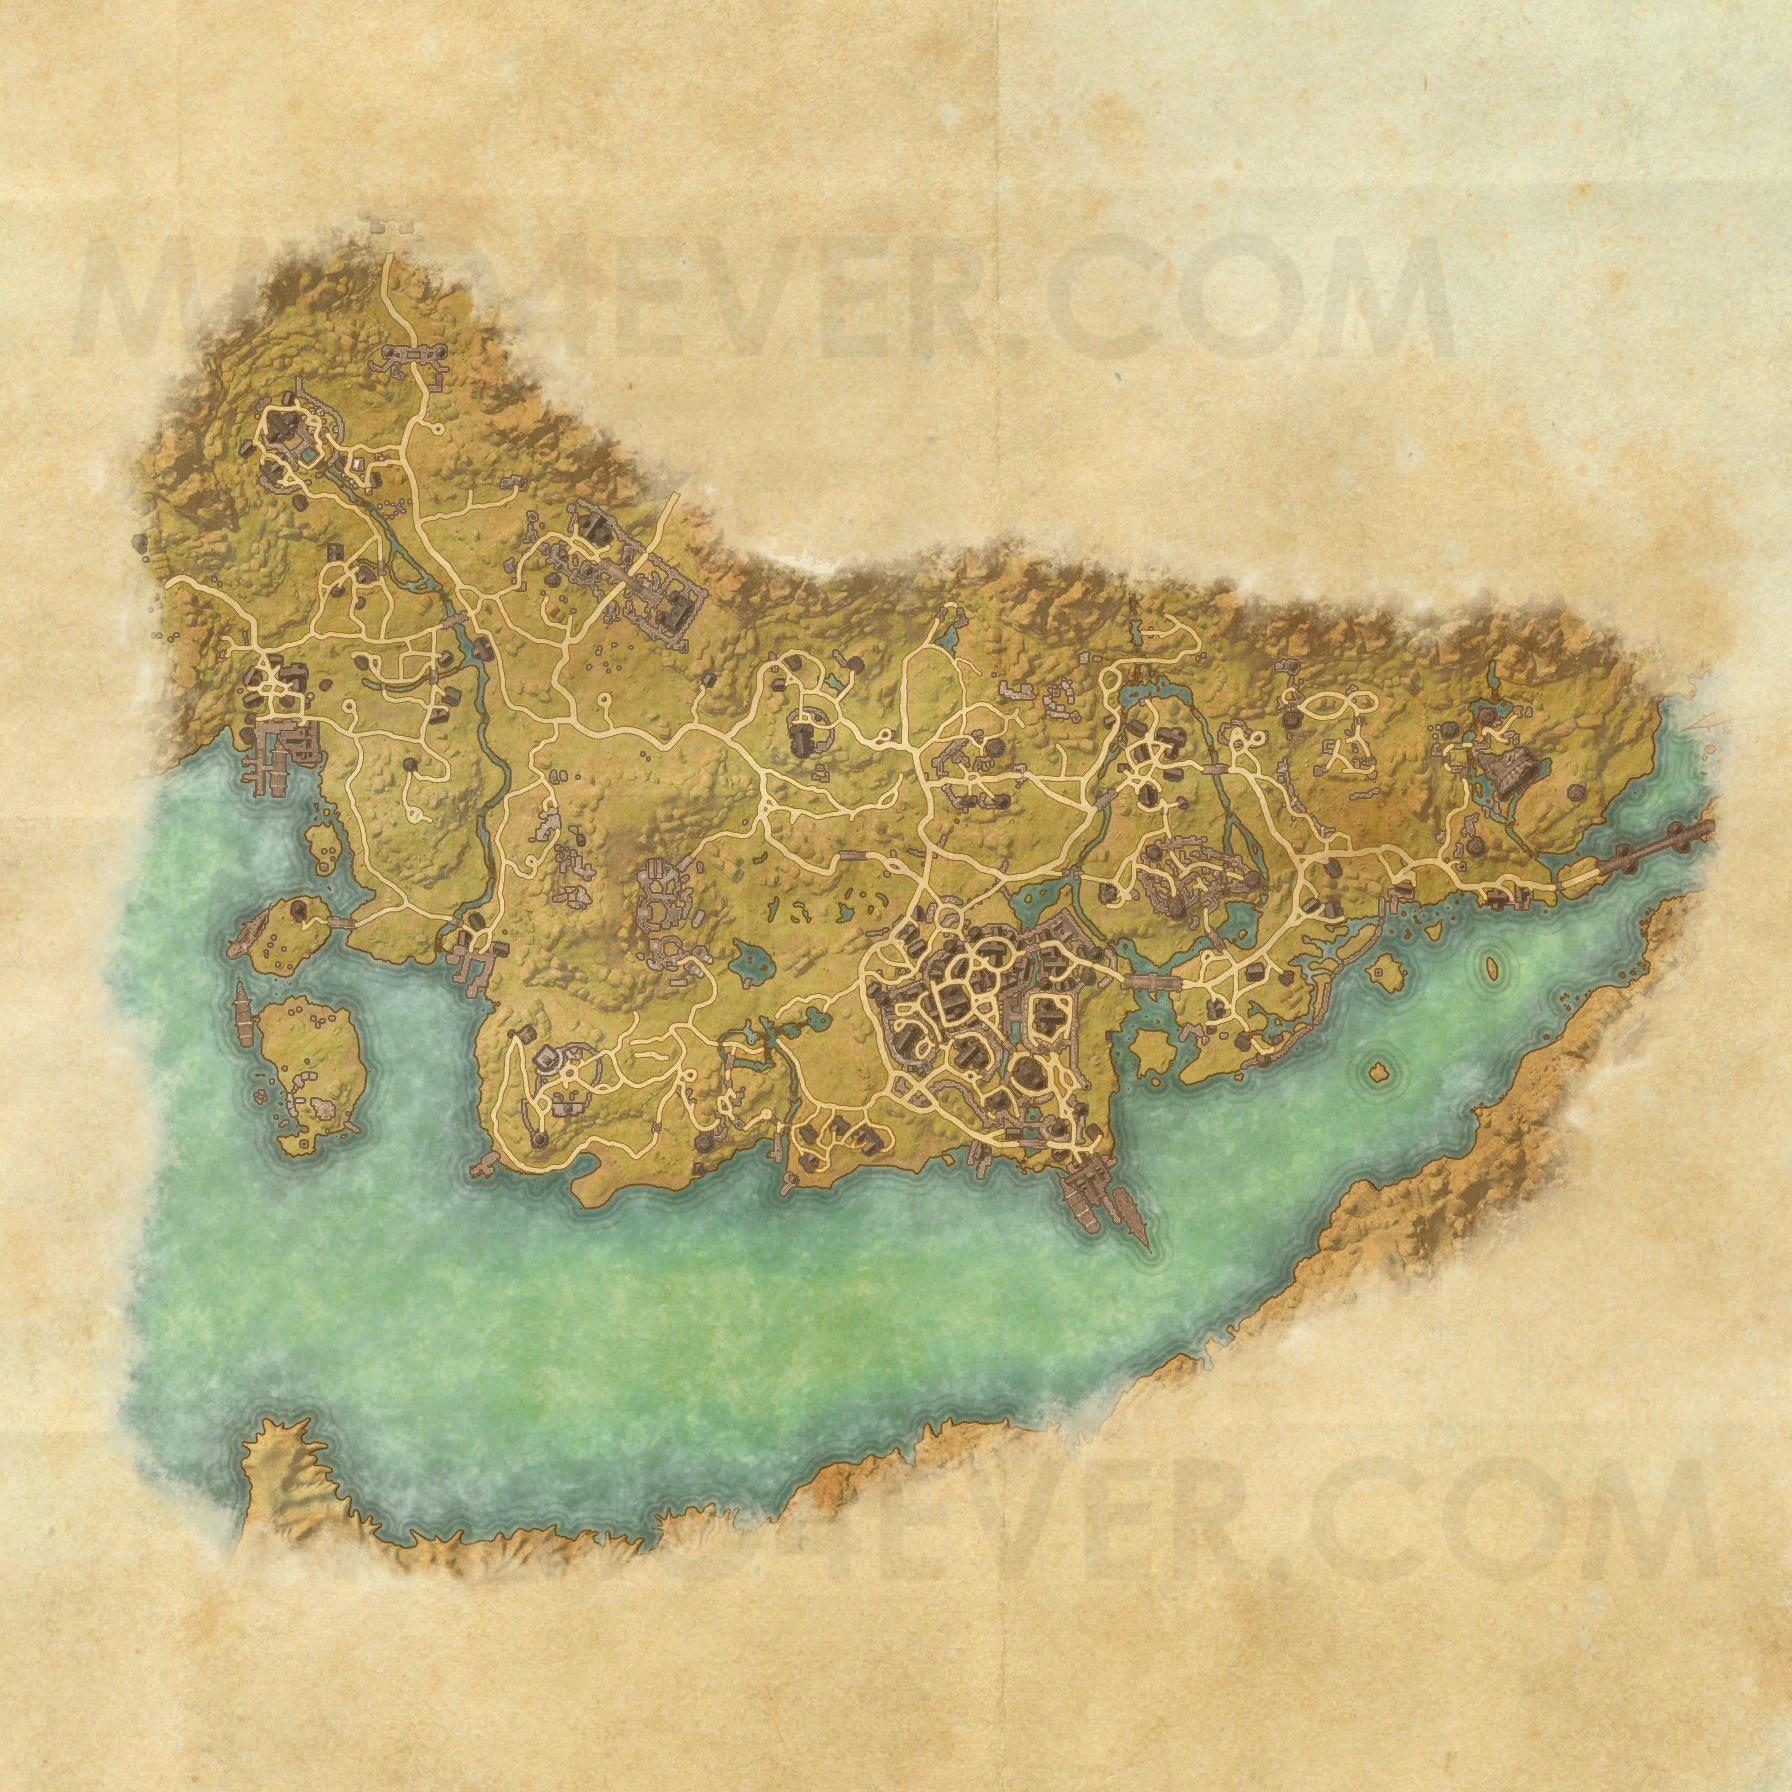 Stormhaven - Map - The Elder Scrolls Online Maps